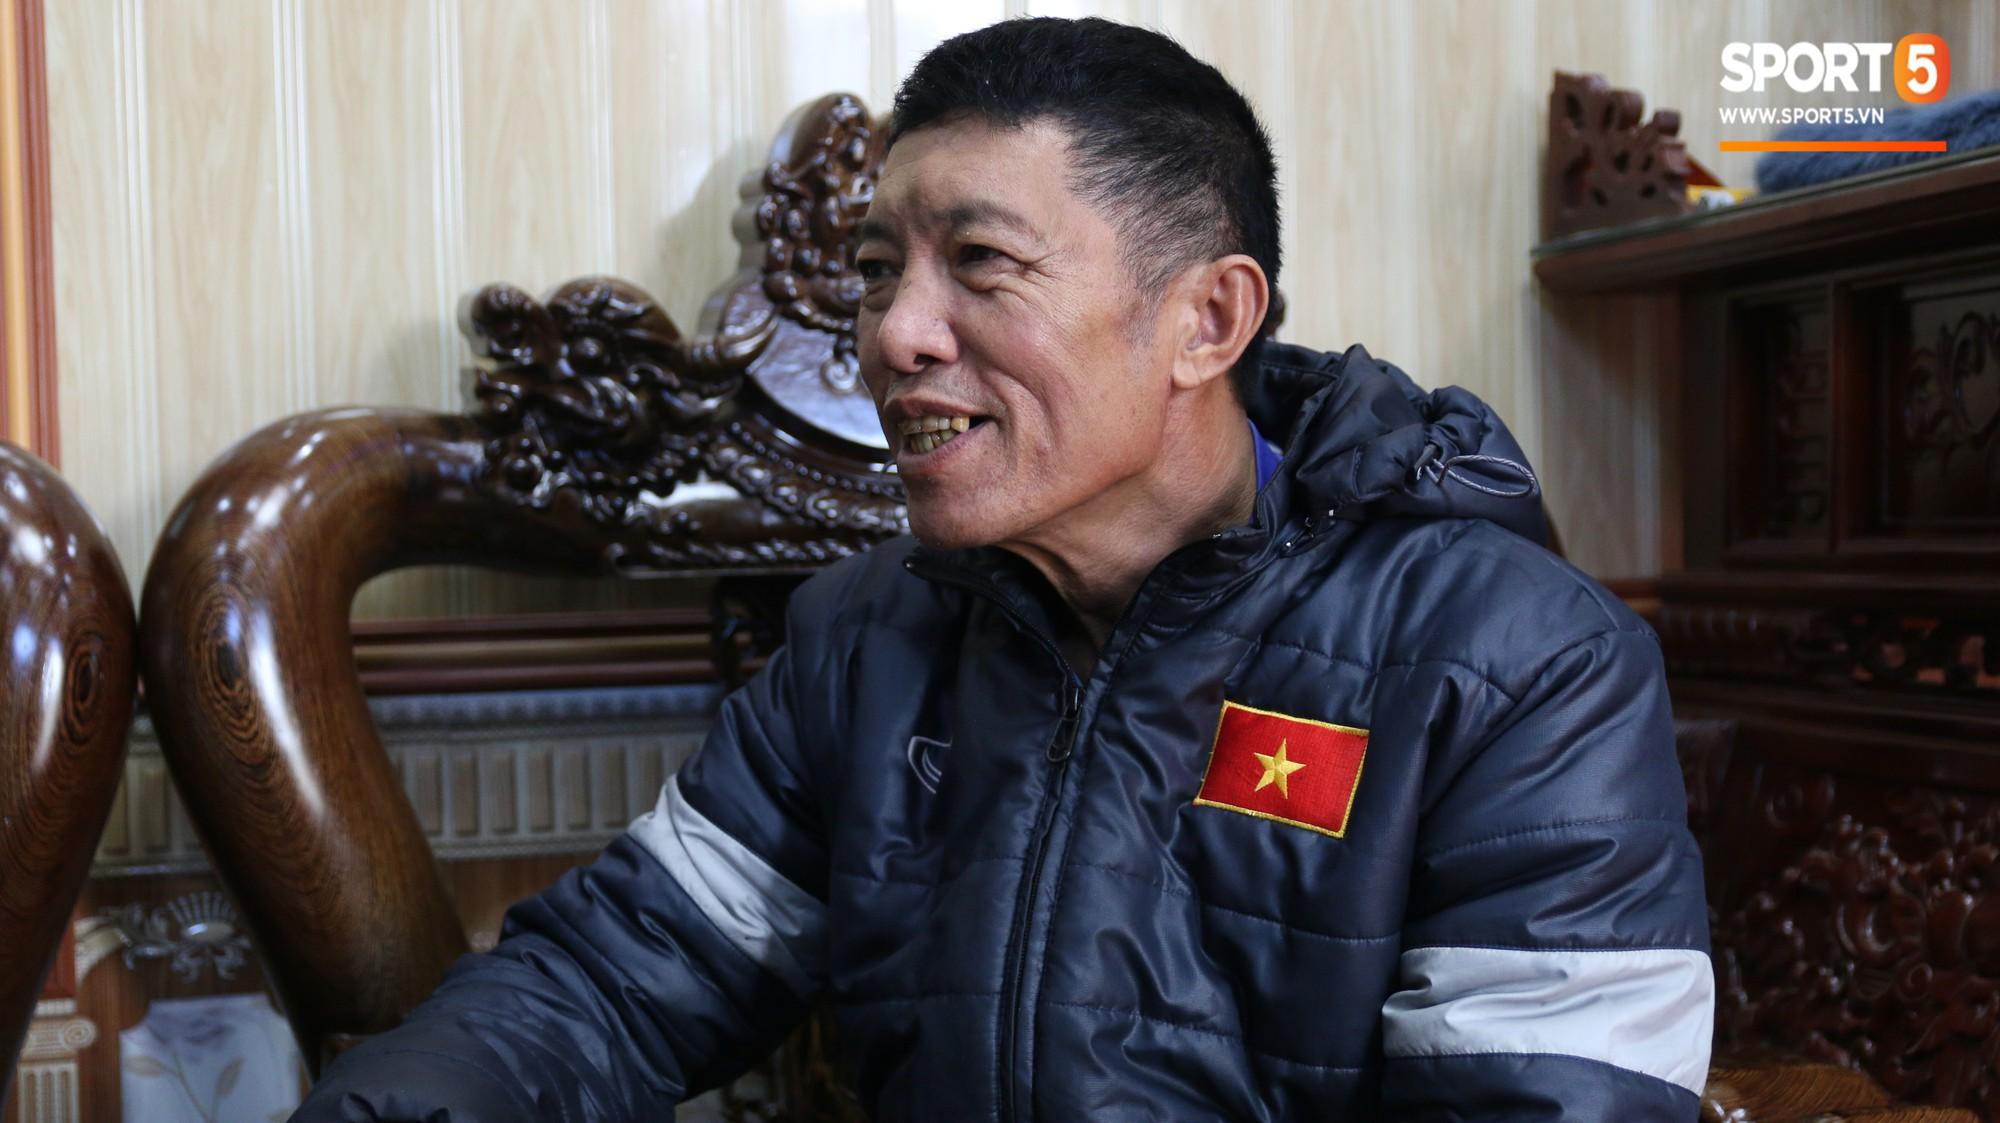 Về thăm nhà Văn Hậu, phát hiện món quà đầu tiên em út ĐT Việt Nam mua cho cha mẹ bằng đồng lương kiếm được-3